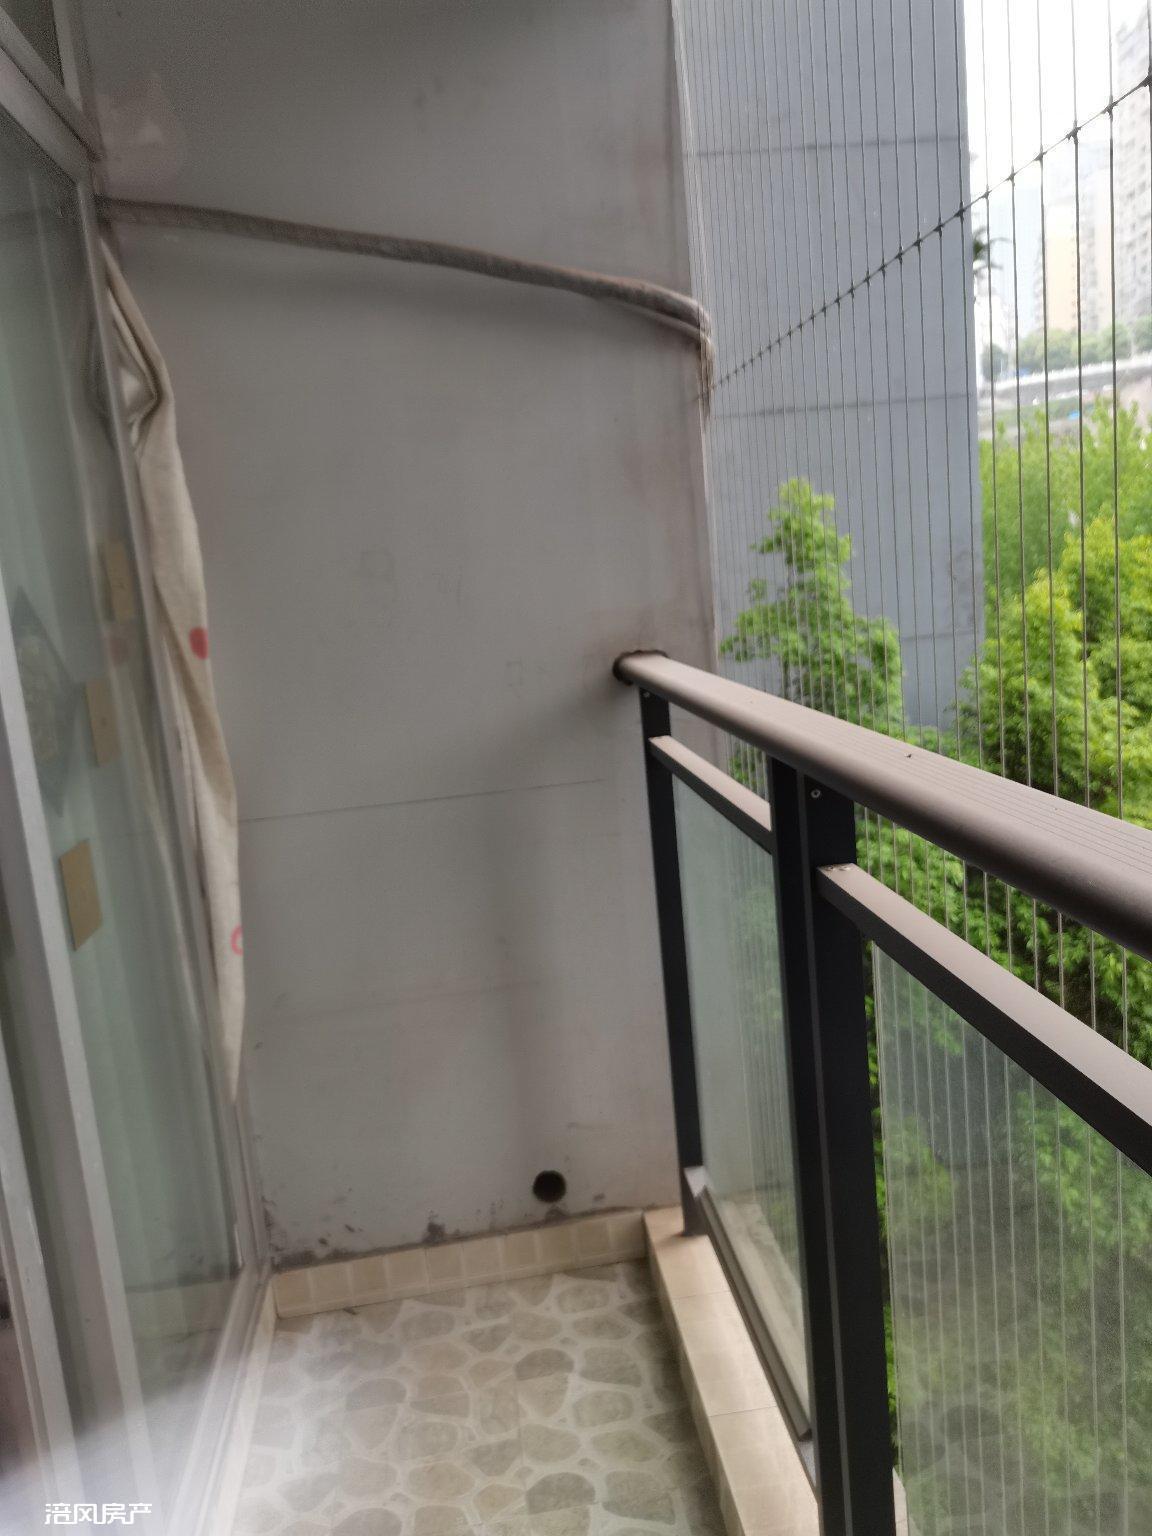 滨江路 电梯房金科廊桥水岸 精装正2室2厅1卫 家电家具齐全 1200元拎包入住